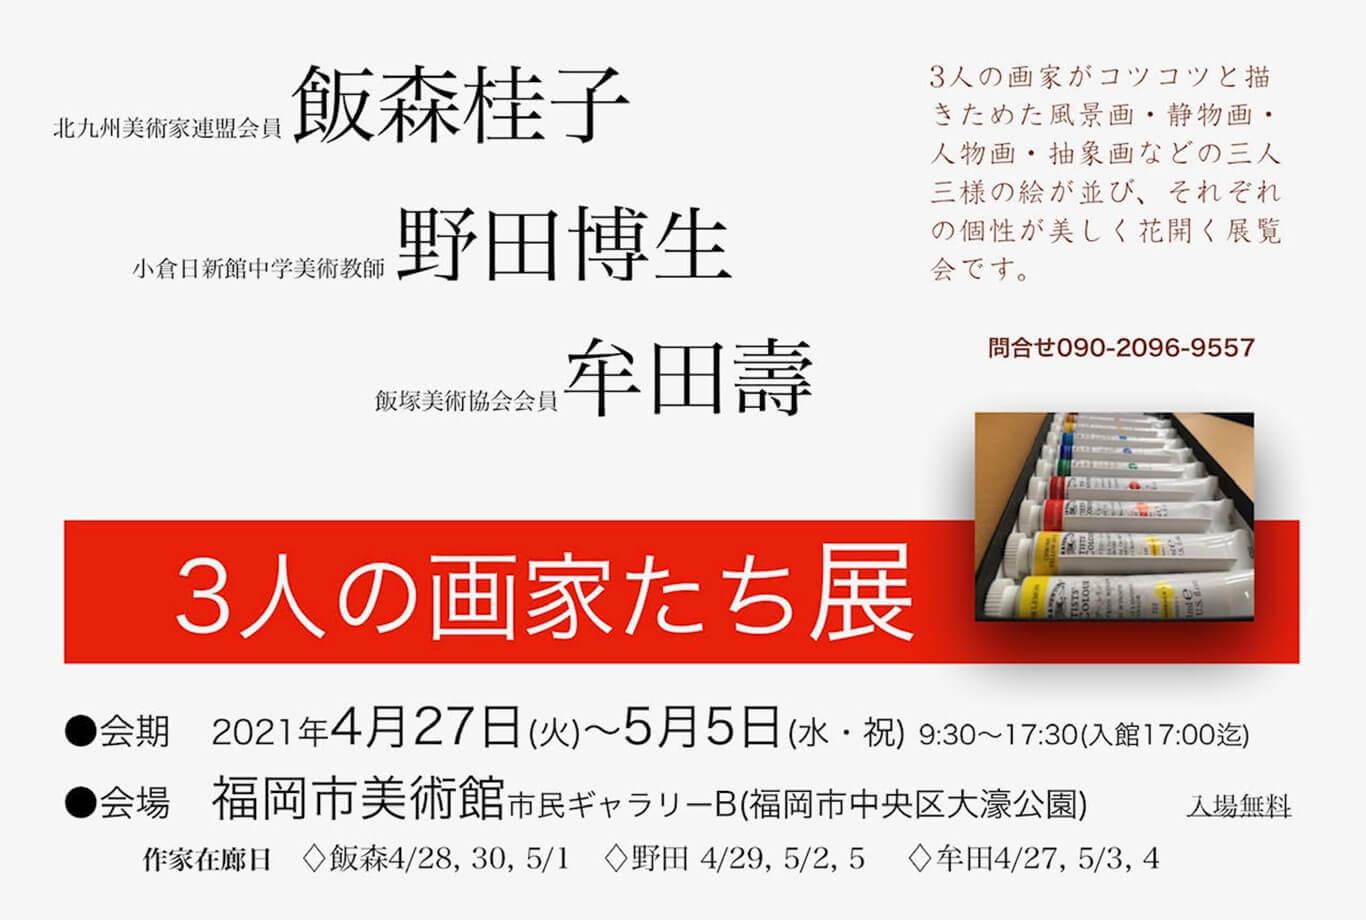 fam-202104-飯森桂子・野田博生・牟田寿 3人の画家たち展-exhibition